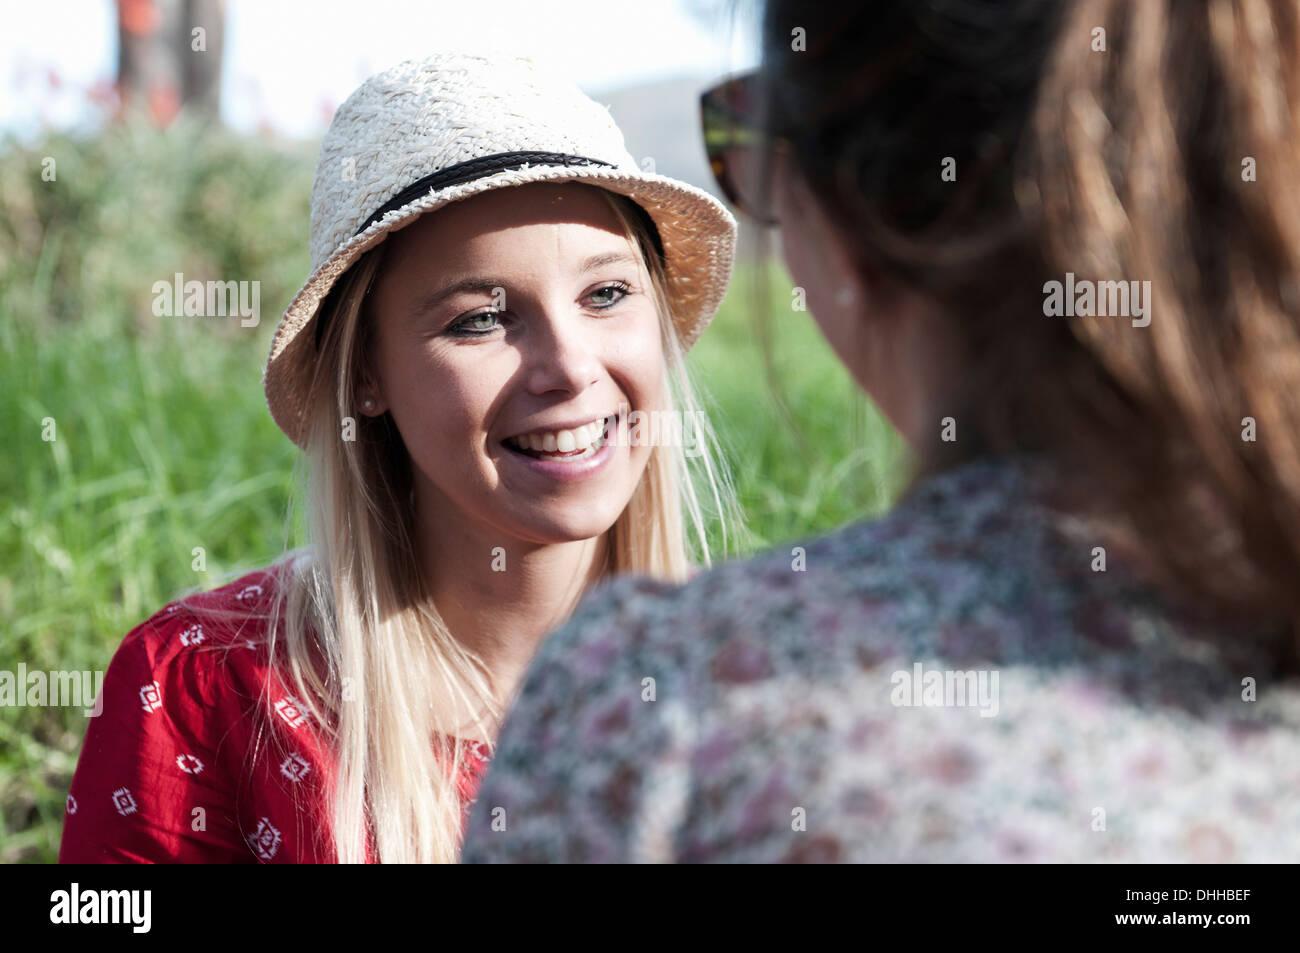 Las mujeres jóvenes en picnic Imagen De Stock